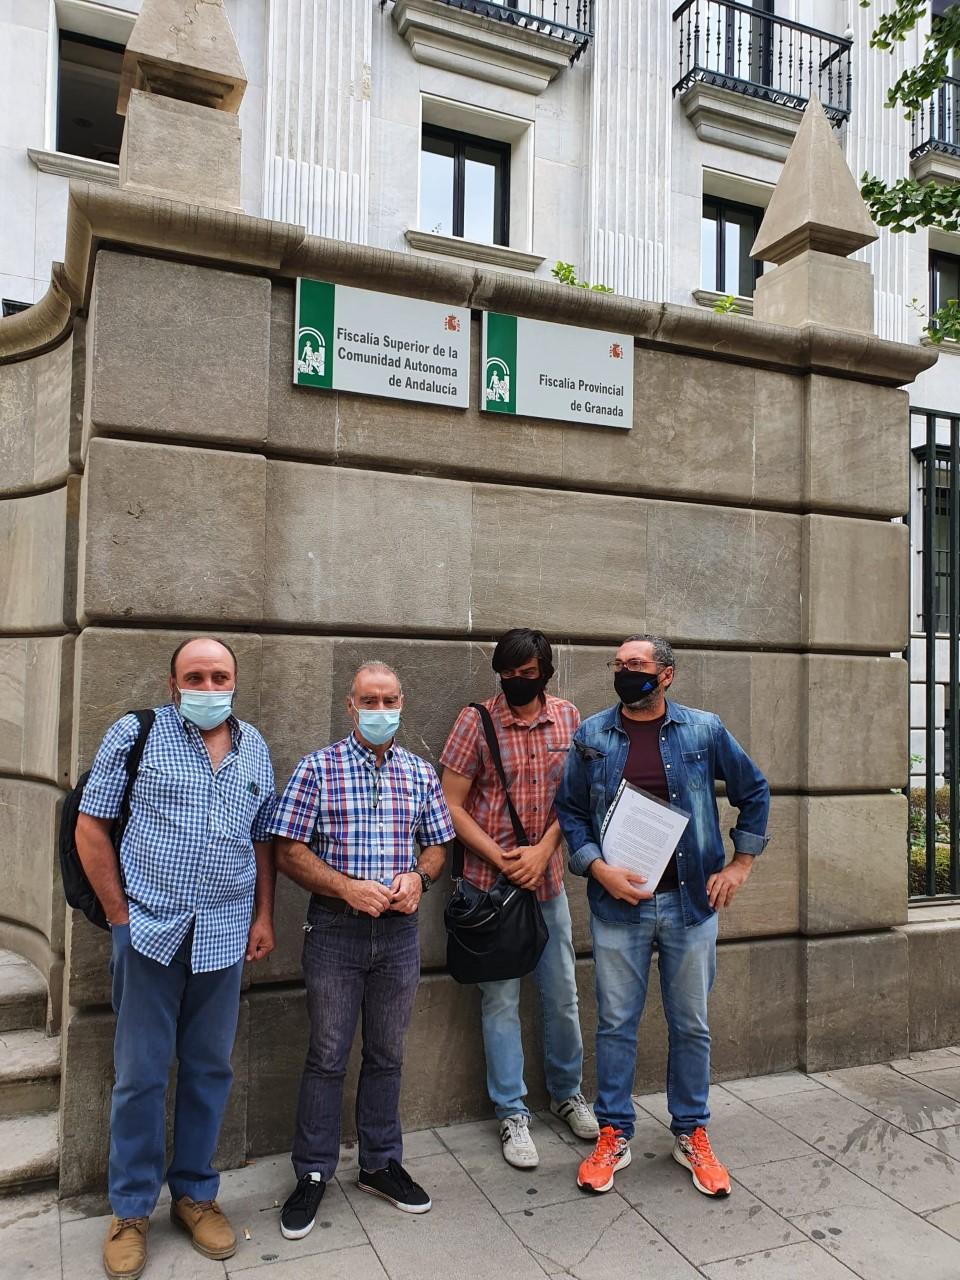 El comité de empresa de Cetursa Remontes denuncia ante la Fiscalía la falta de formación en rescates en telesillas y telecabinas